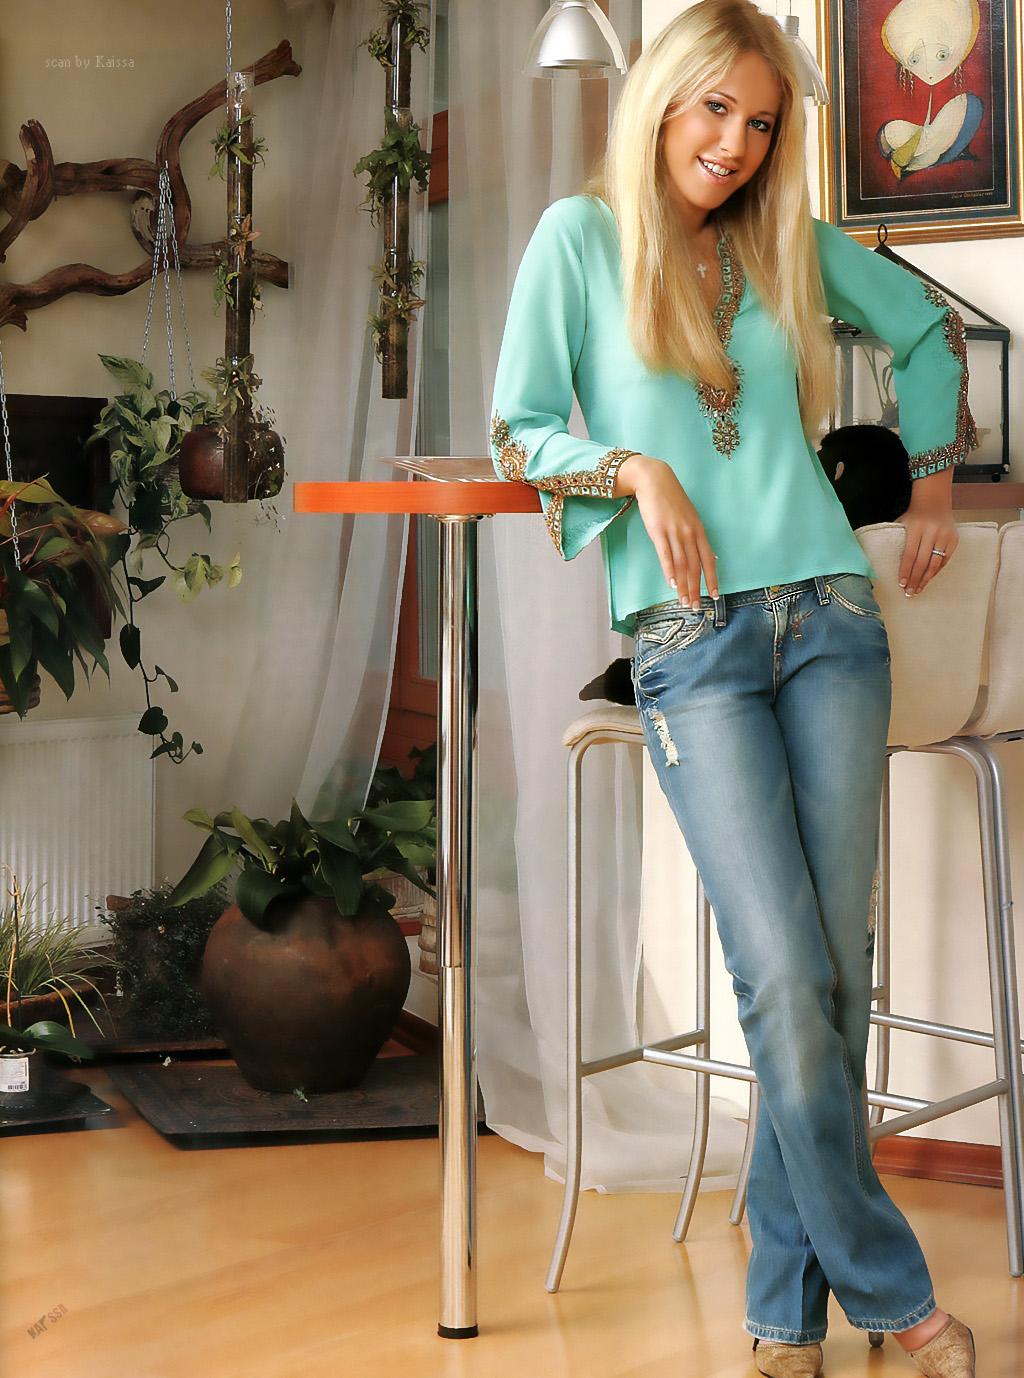 Ксения Собчак стала главным редактором глянцевого женского журнала Sex